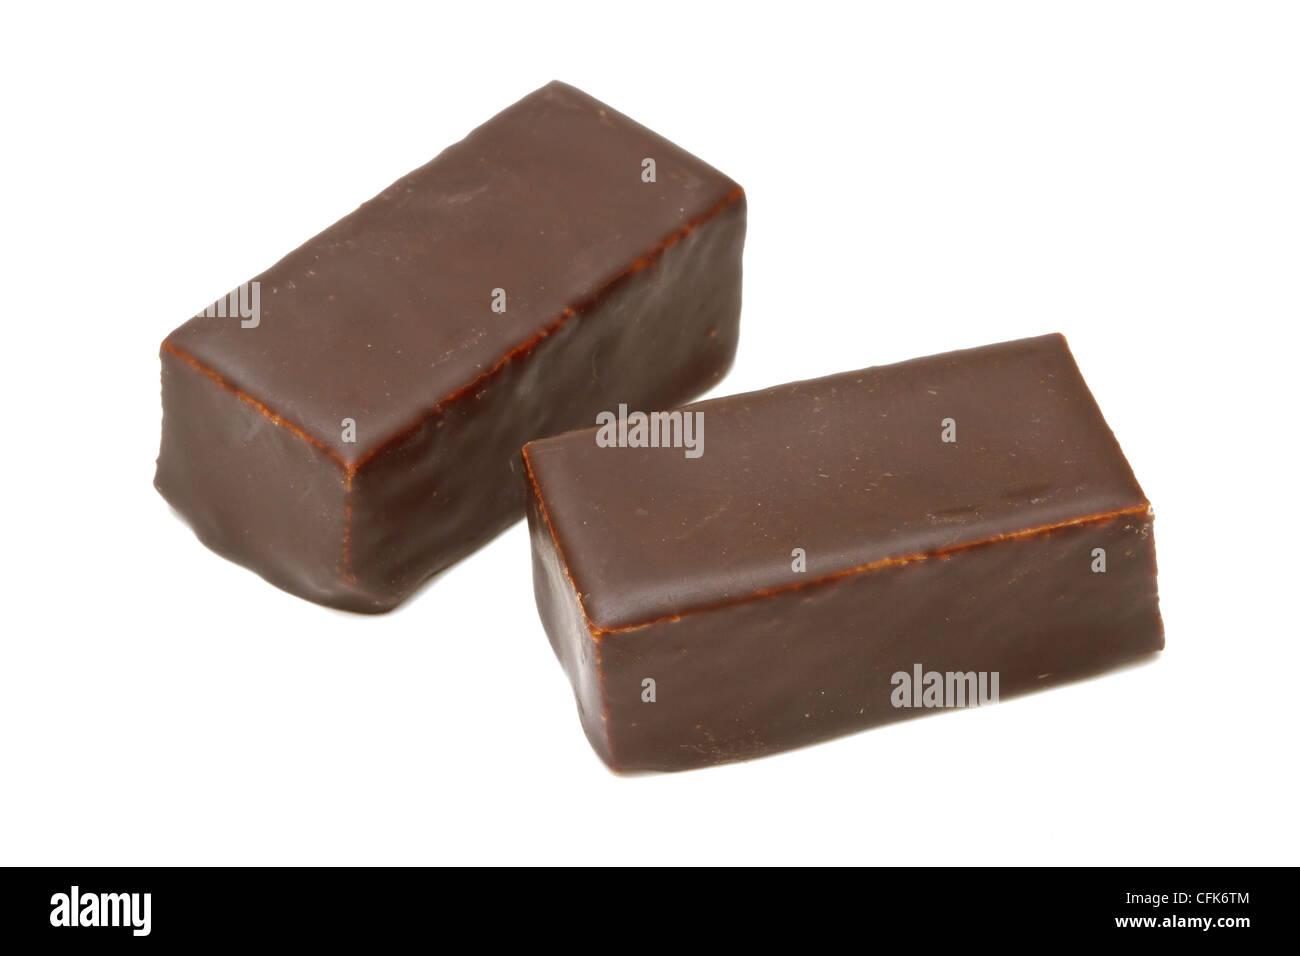 El chocolate praliné aislado sobre fondo blanco. Foto de stock